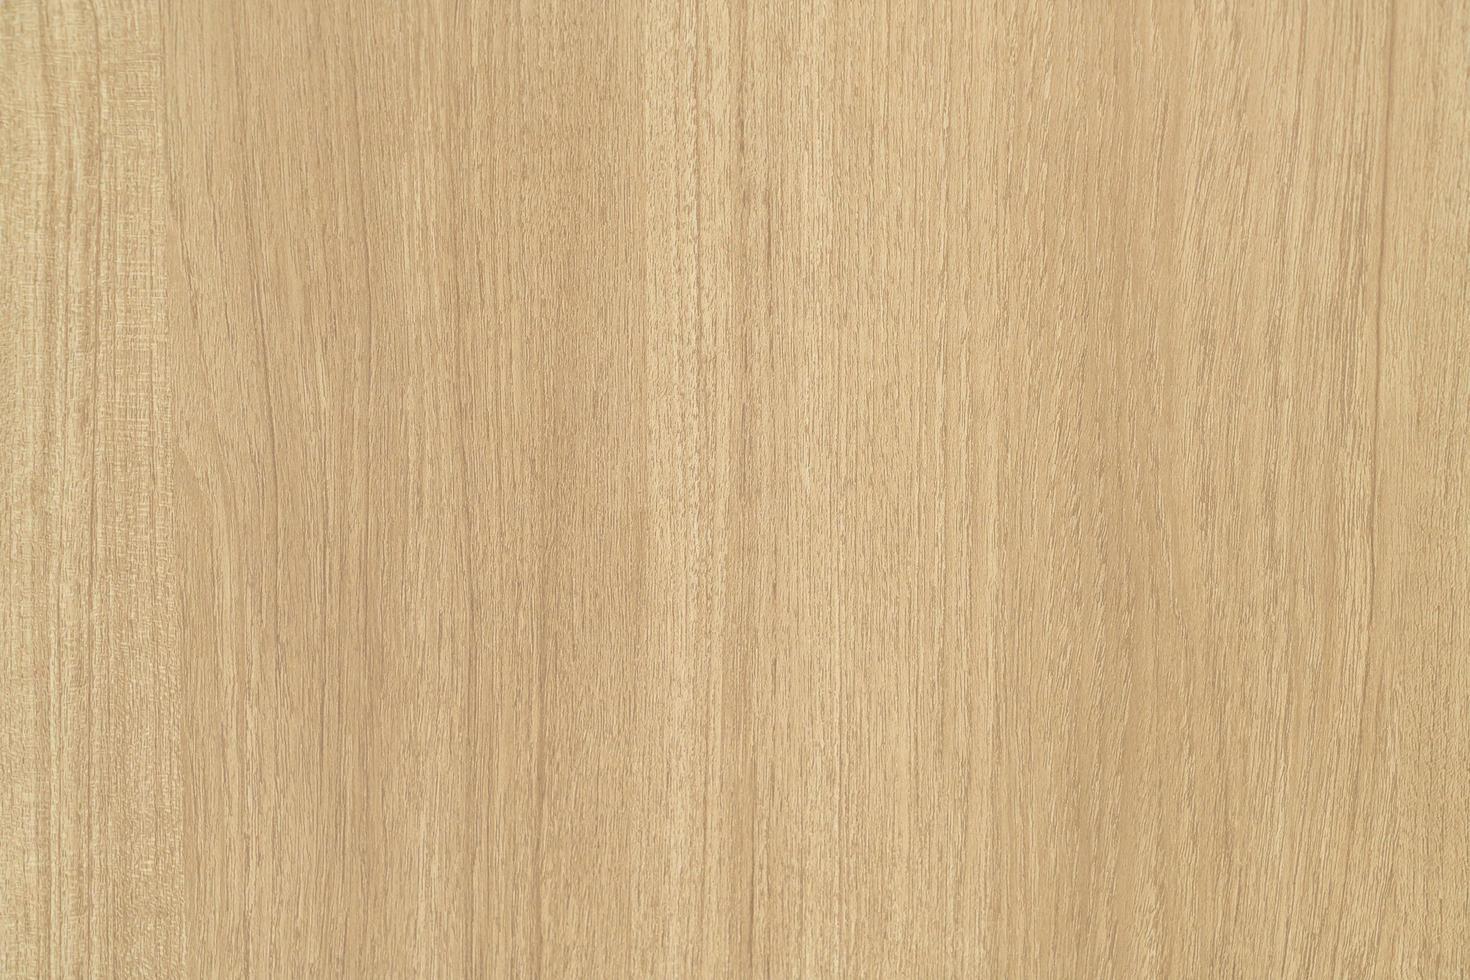 bella struttura della parete in legno per sfondo o carta da parati foto